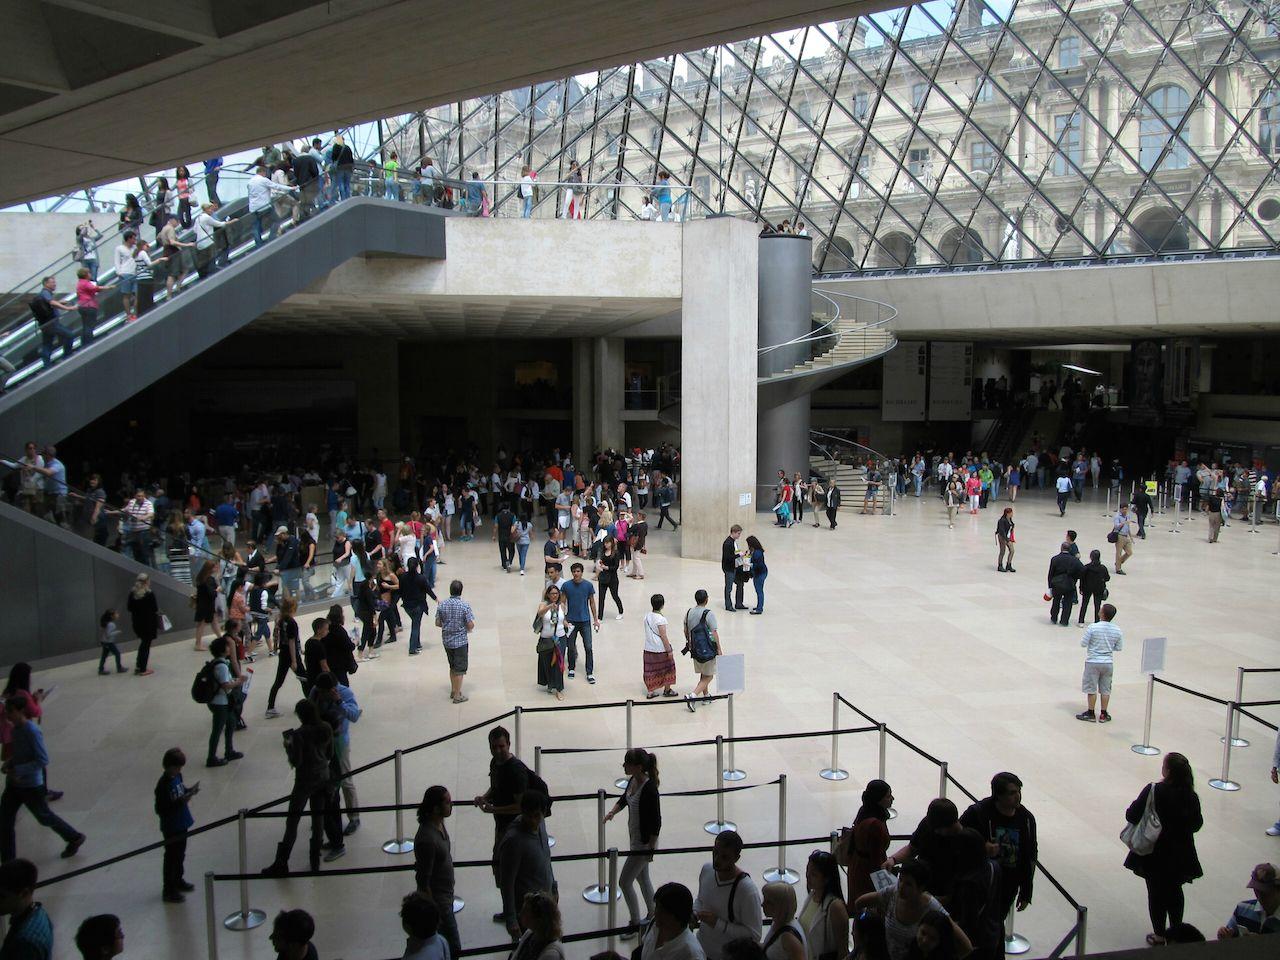 tepkili arkeologlar louvre müzesinde protesto yaptı